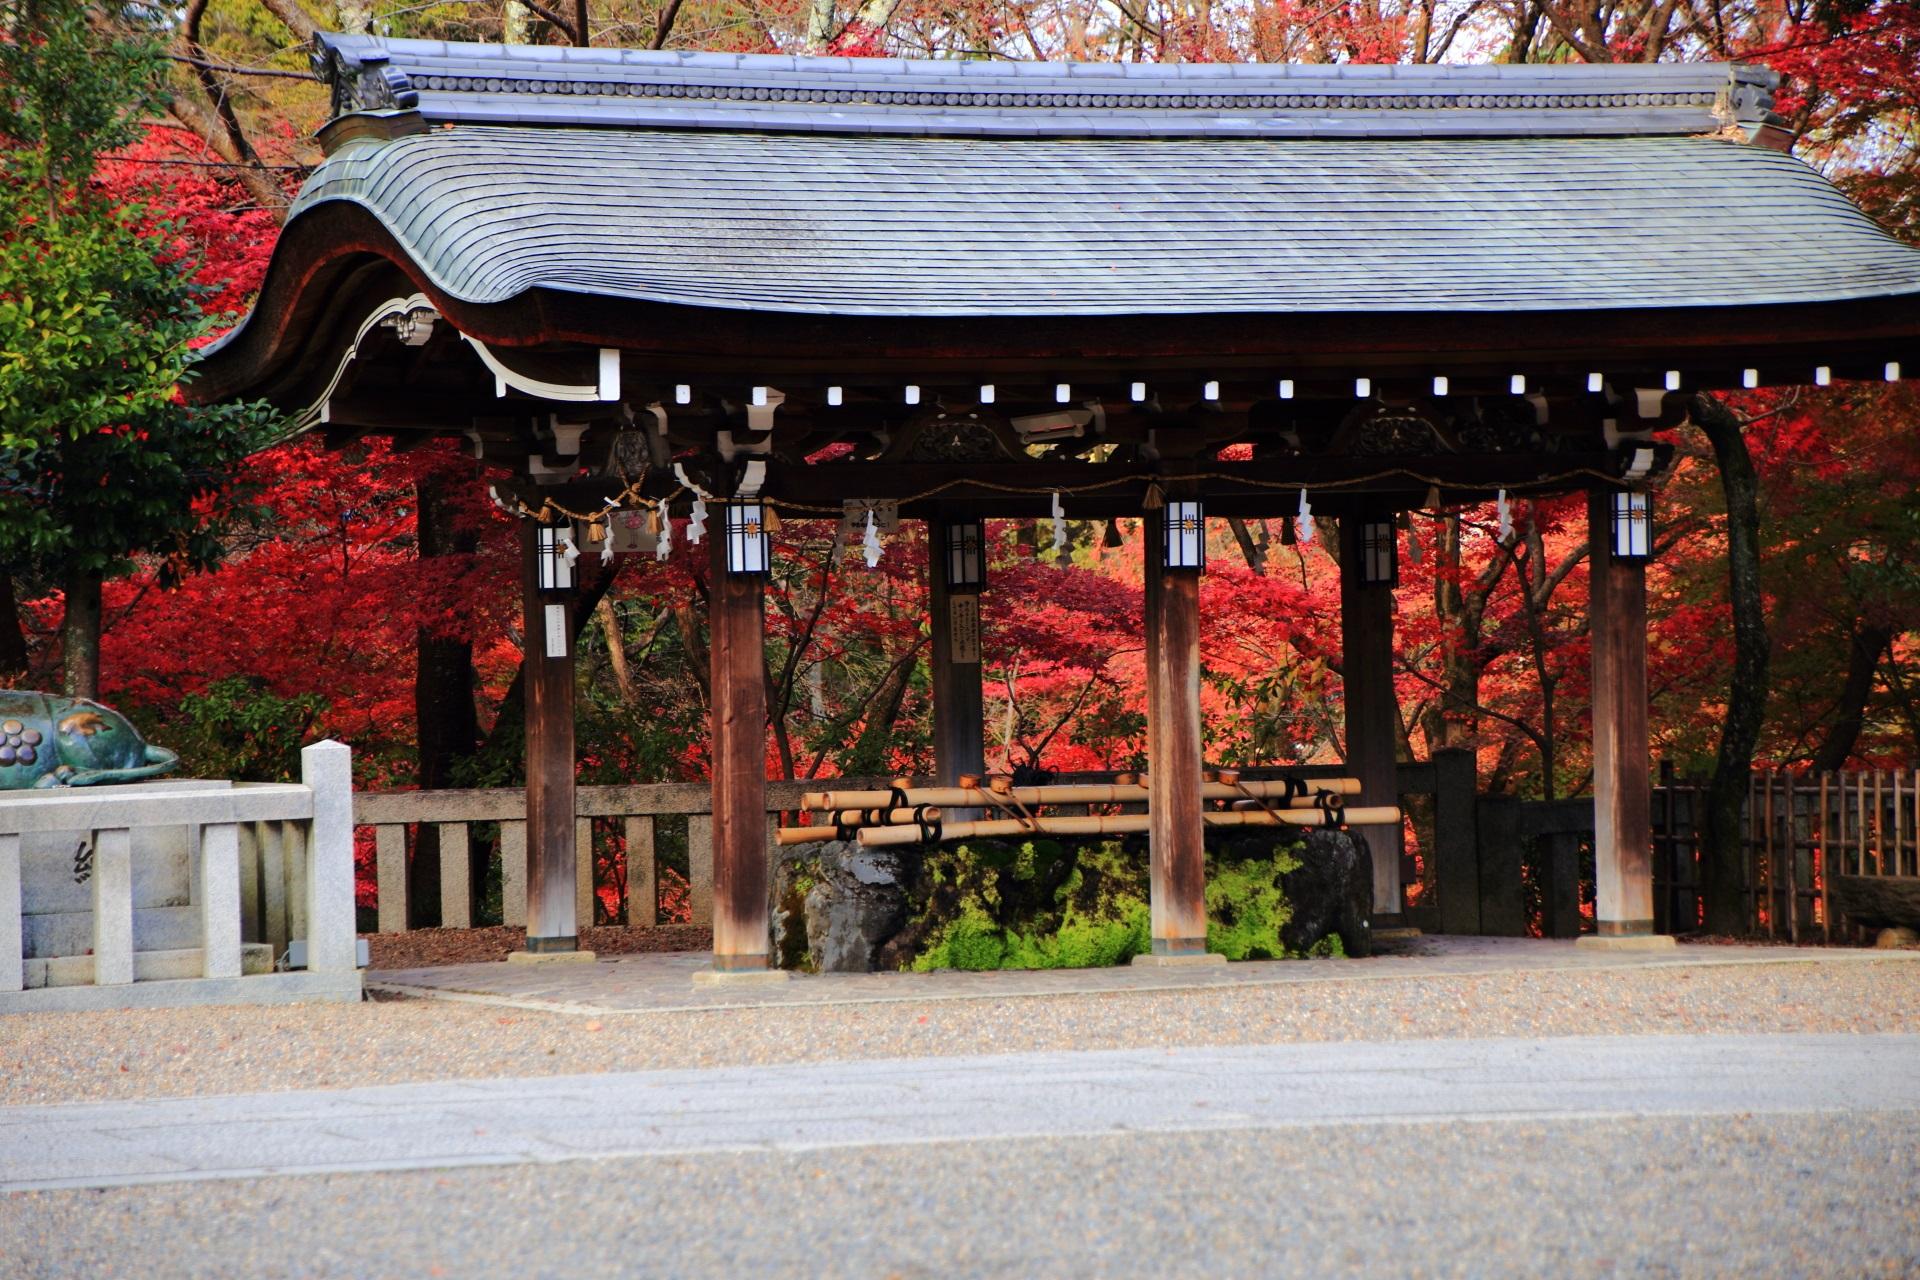 長岡天満宮の鮮やかな紅葉が華やぐ手水舎